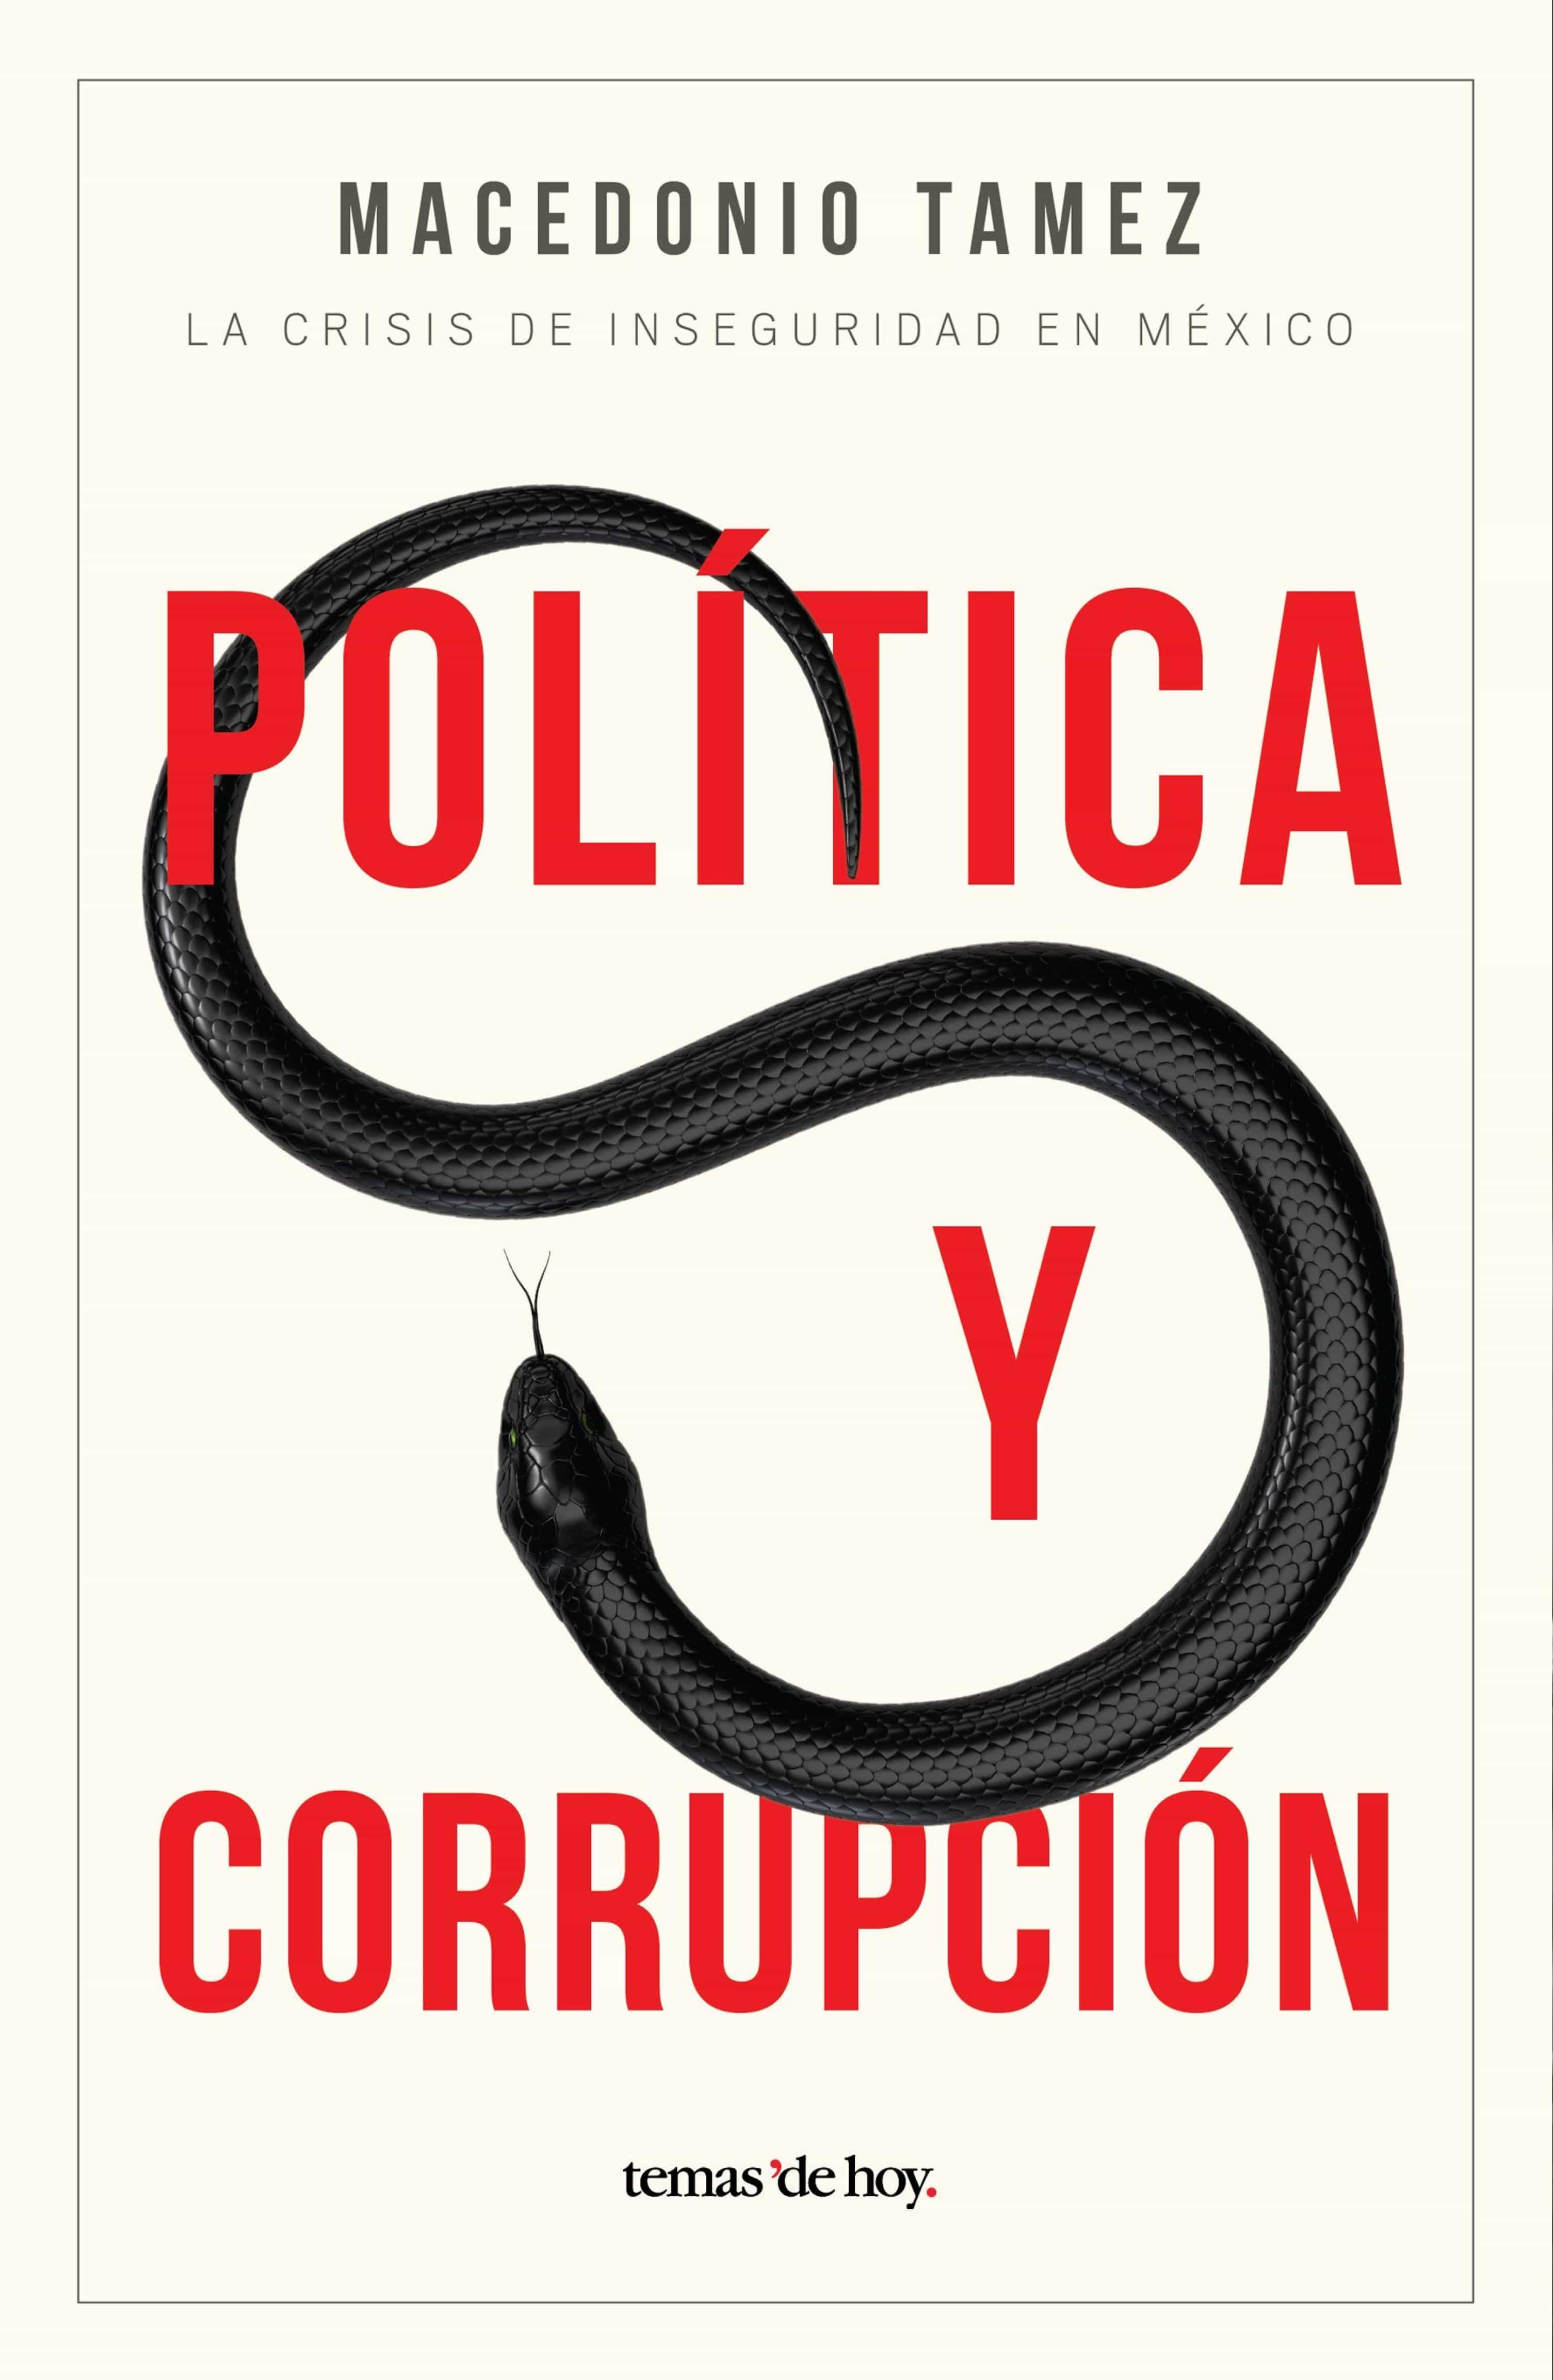 Resultado de imagen para politica y corrupcion macedonio tamez pdf